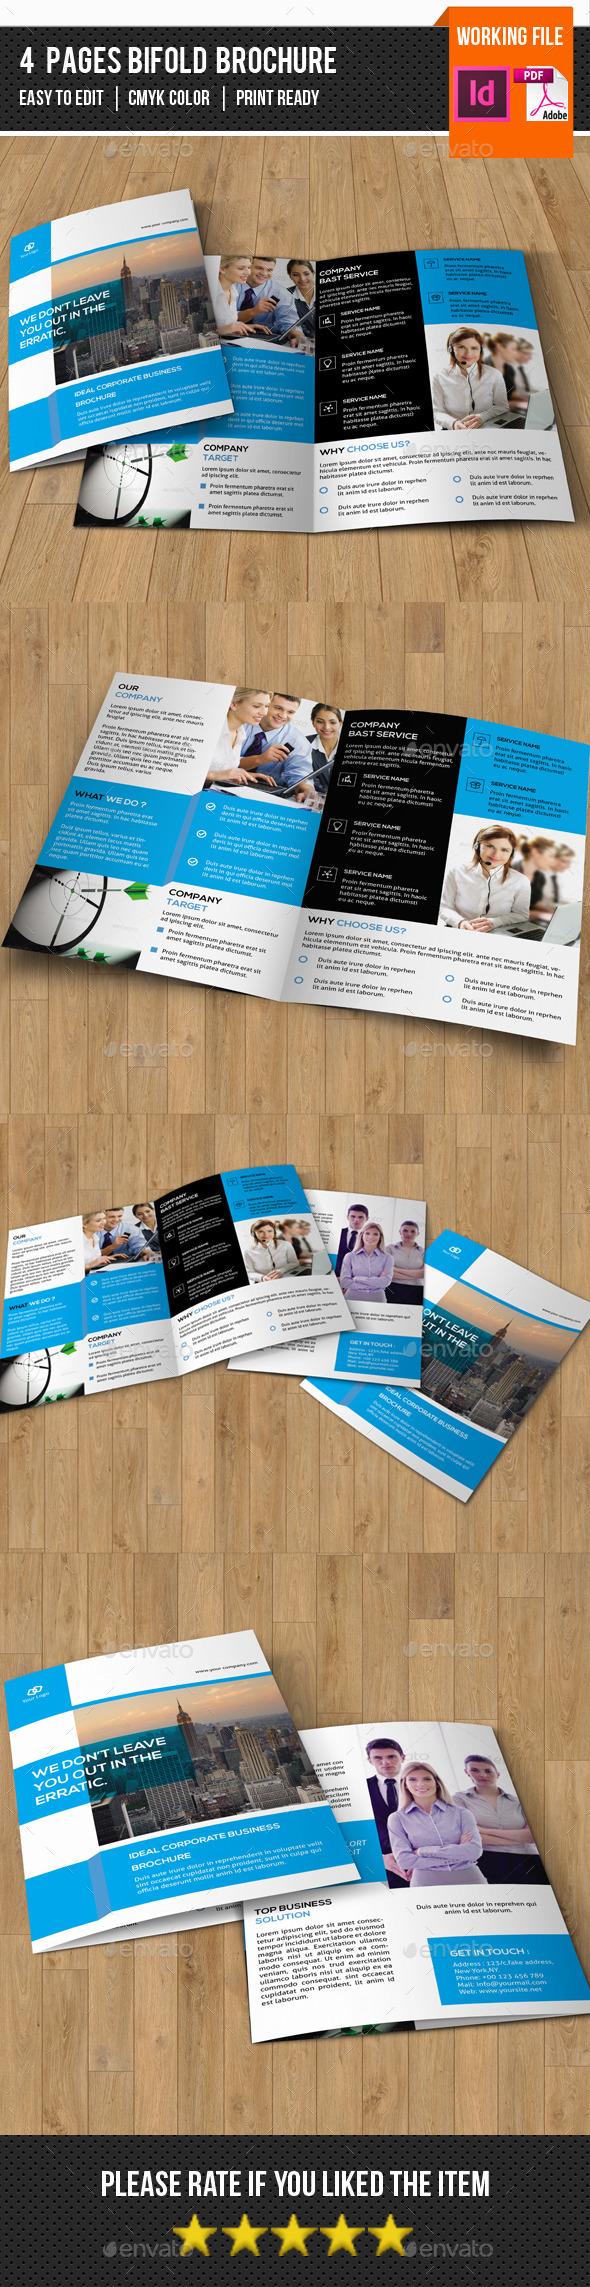 Corporate Bifold Brochure-V290 - Corporate Brochures